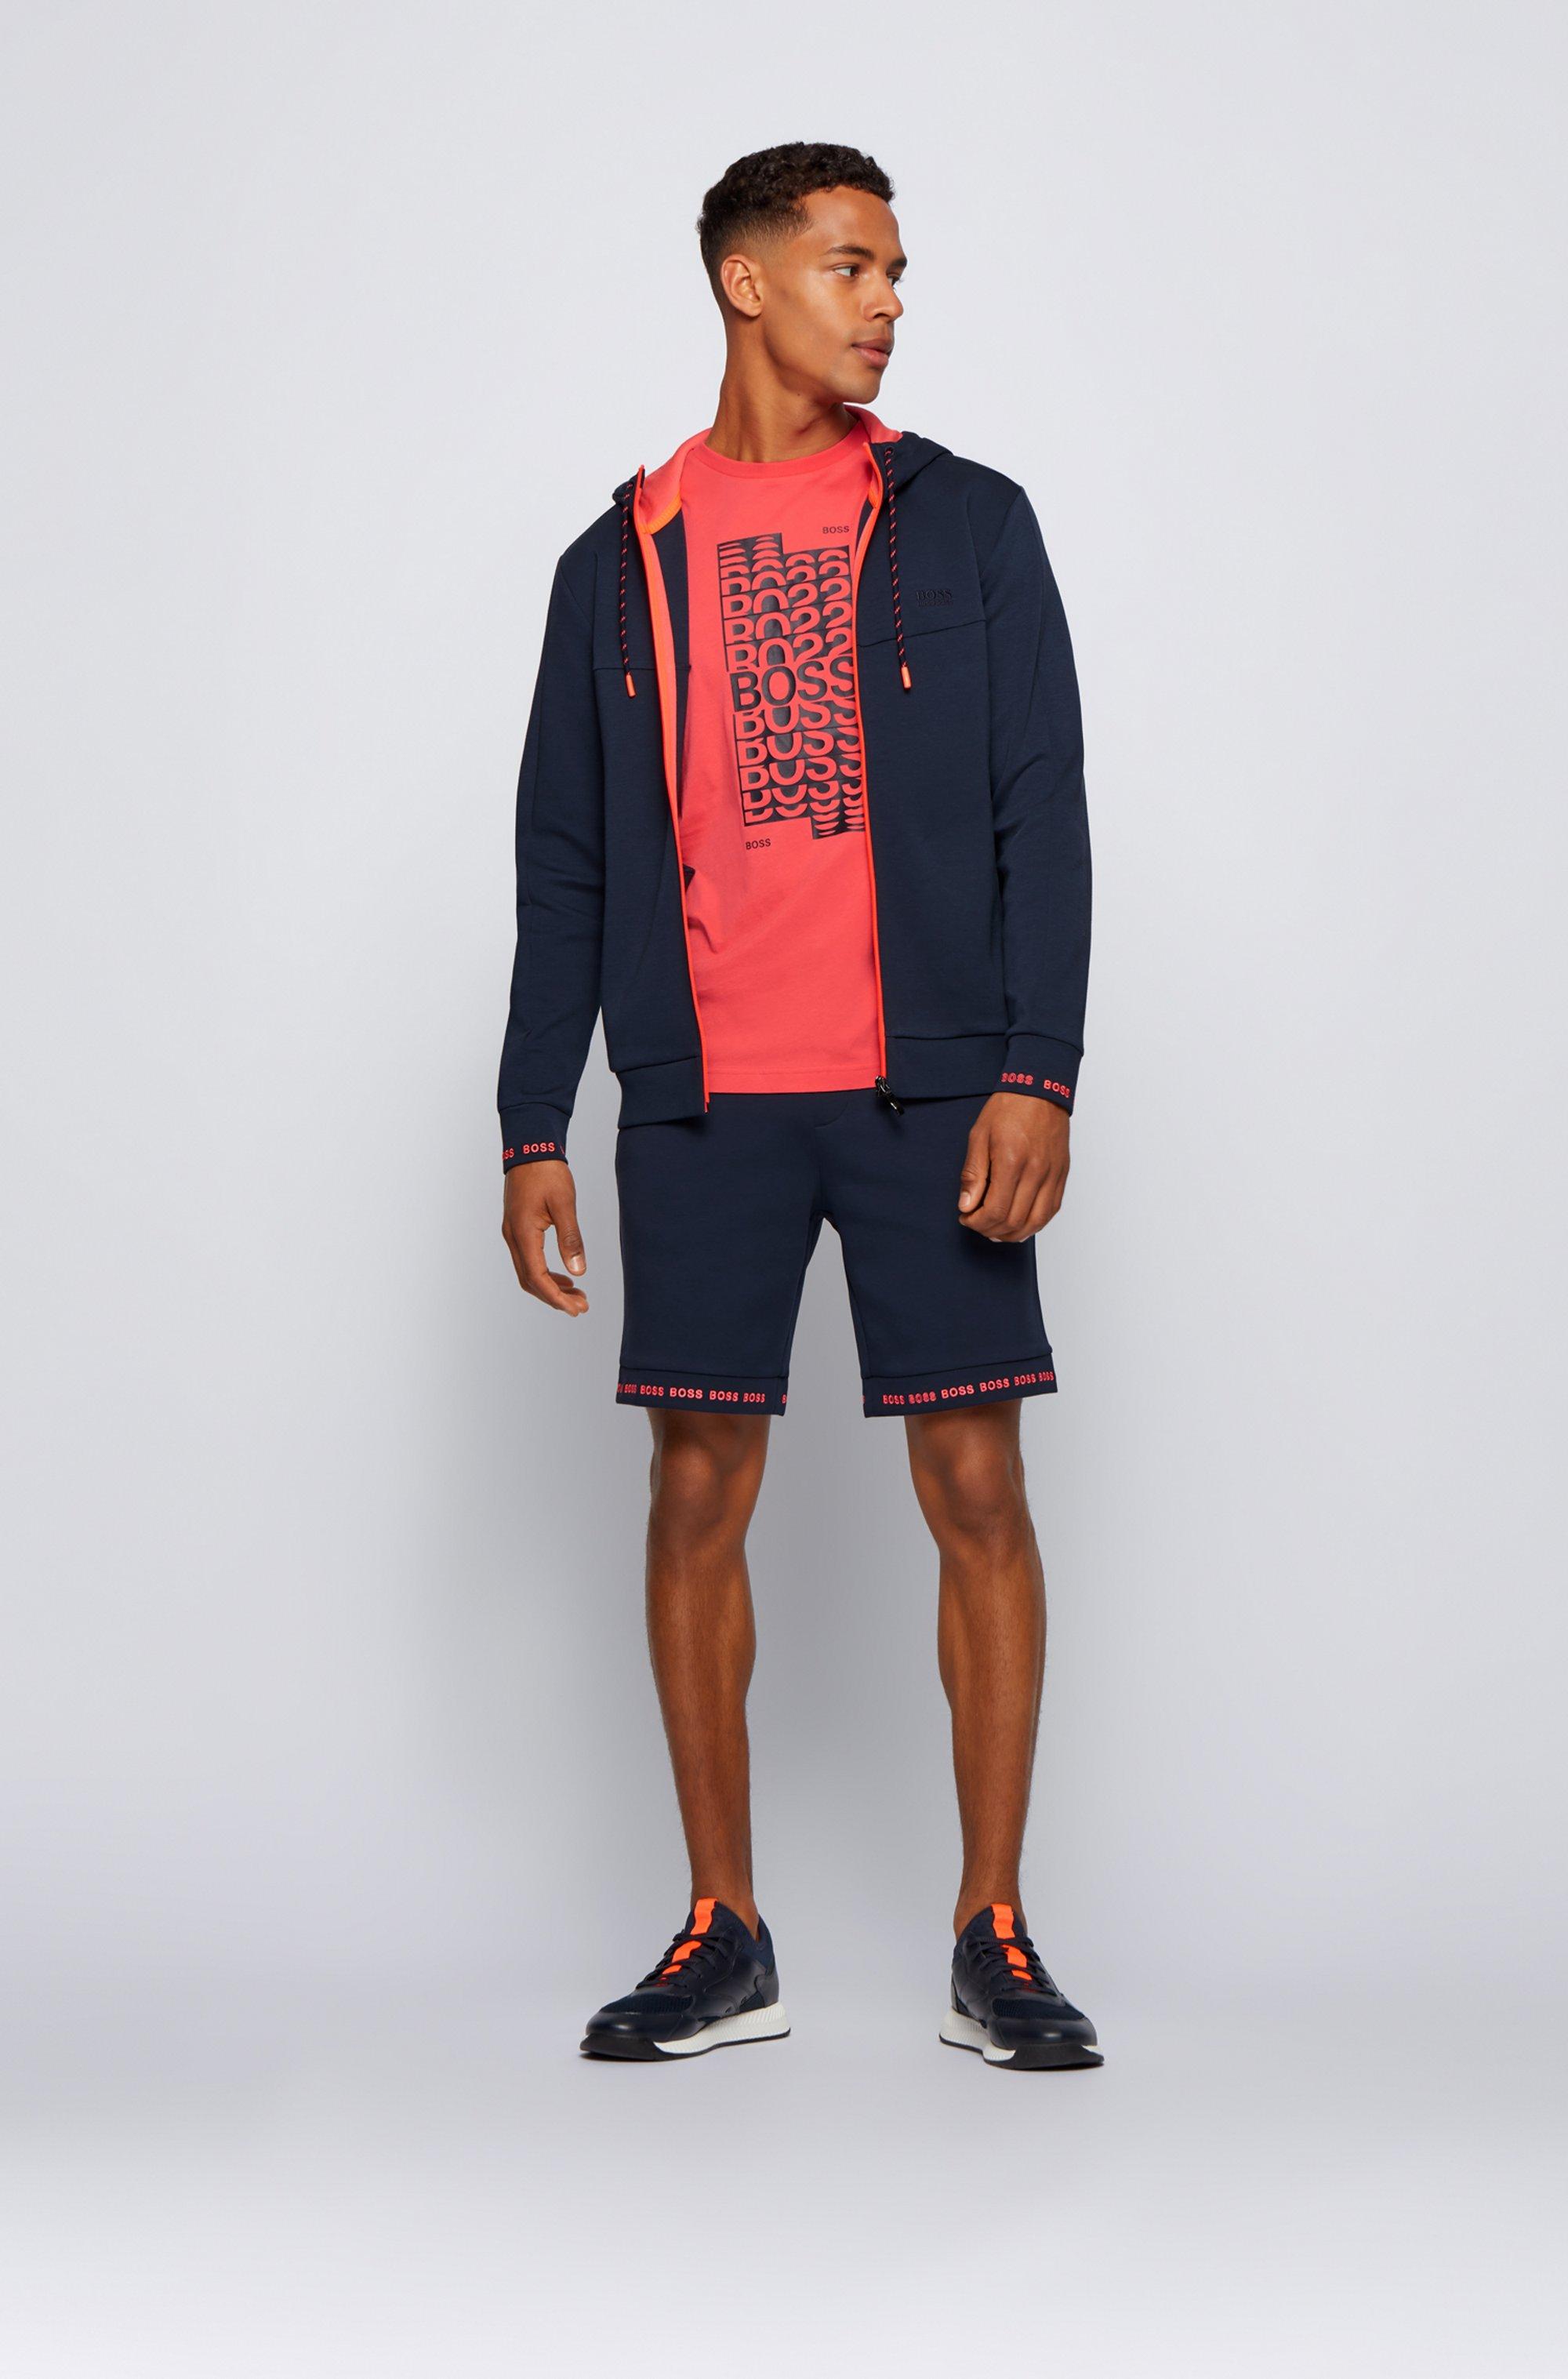 Zip-up hooded sweatshirt with logo embroidery